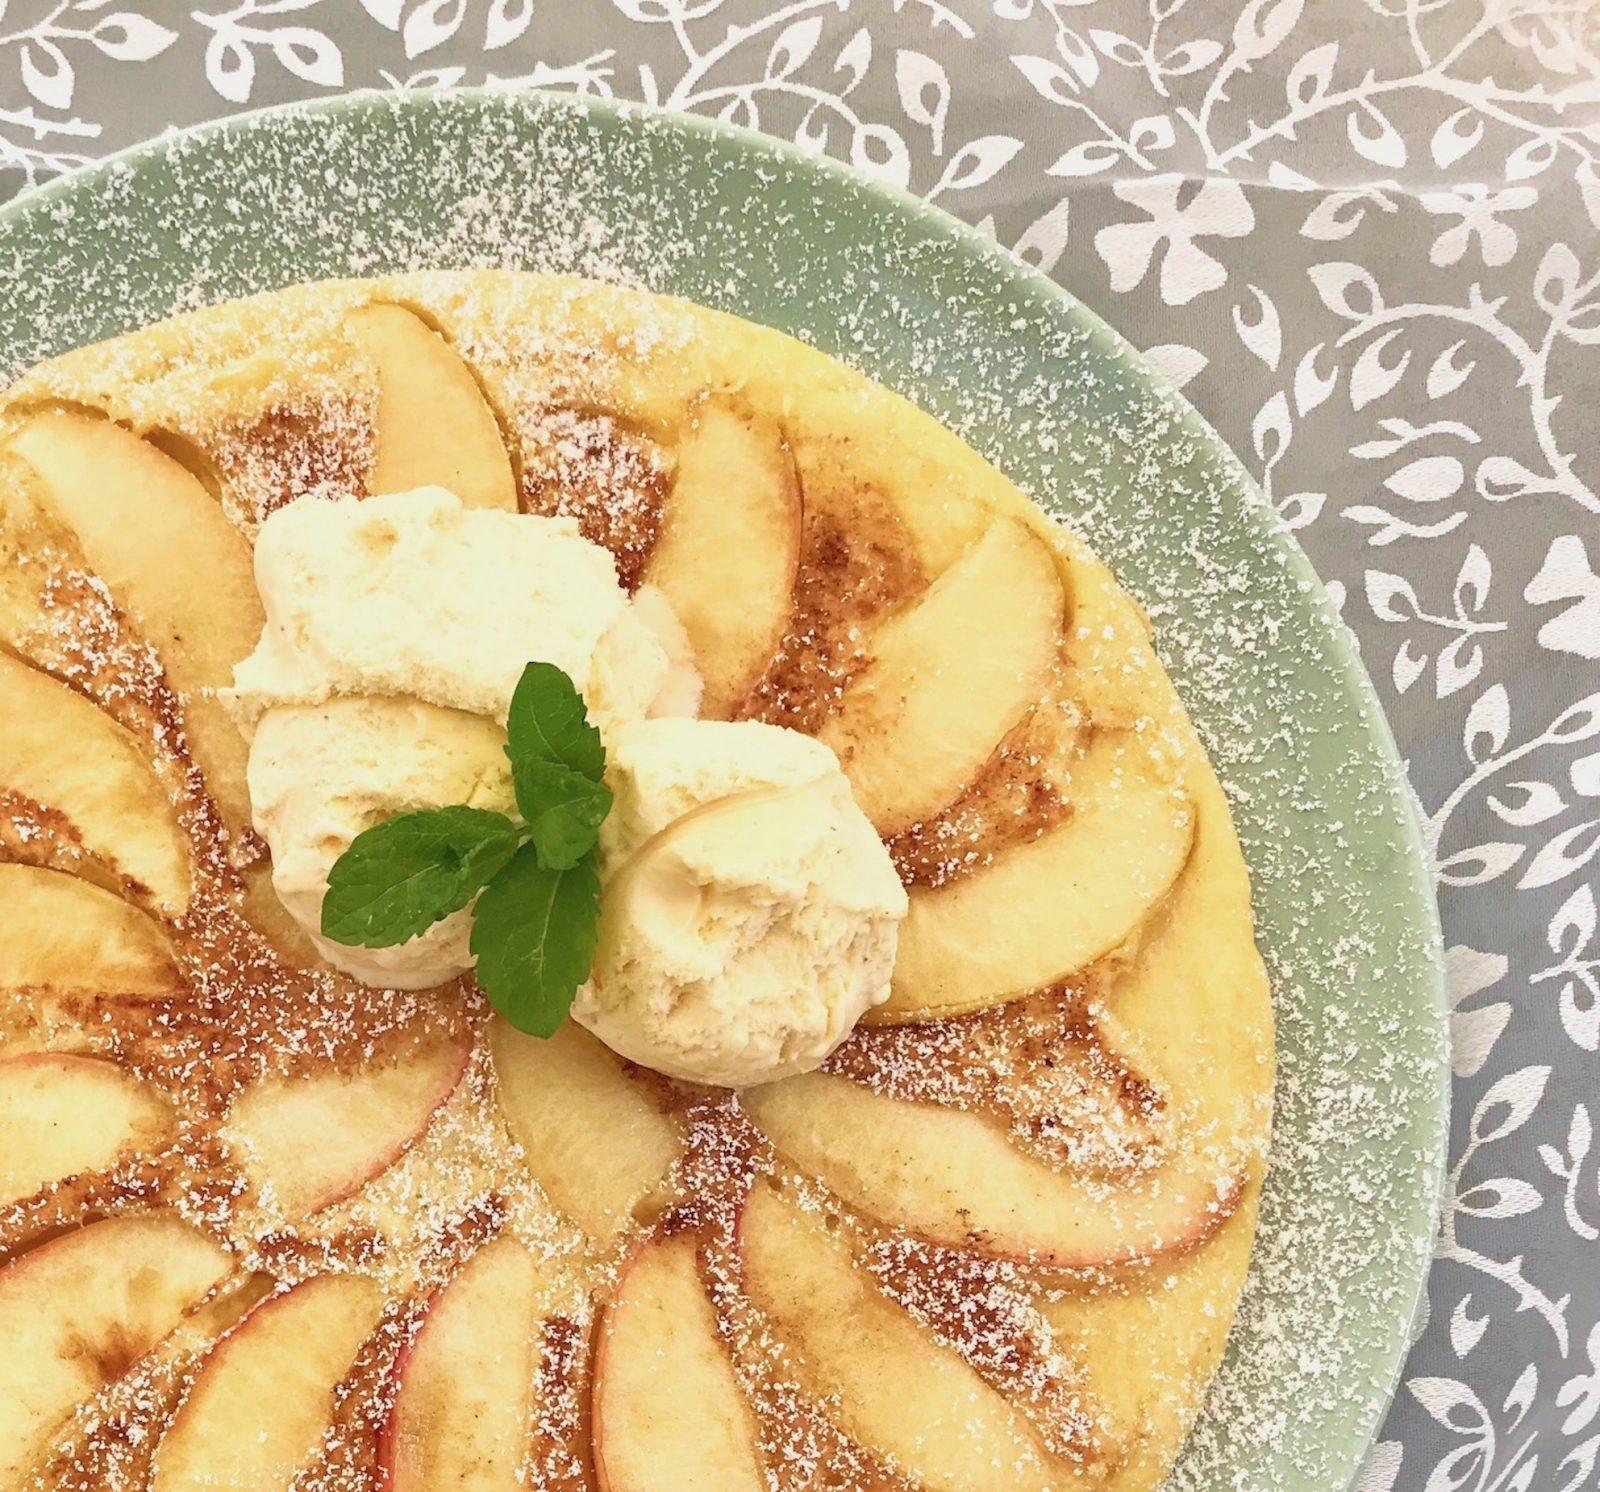 Apfelpfannkuchen mit Vanilleeis